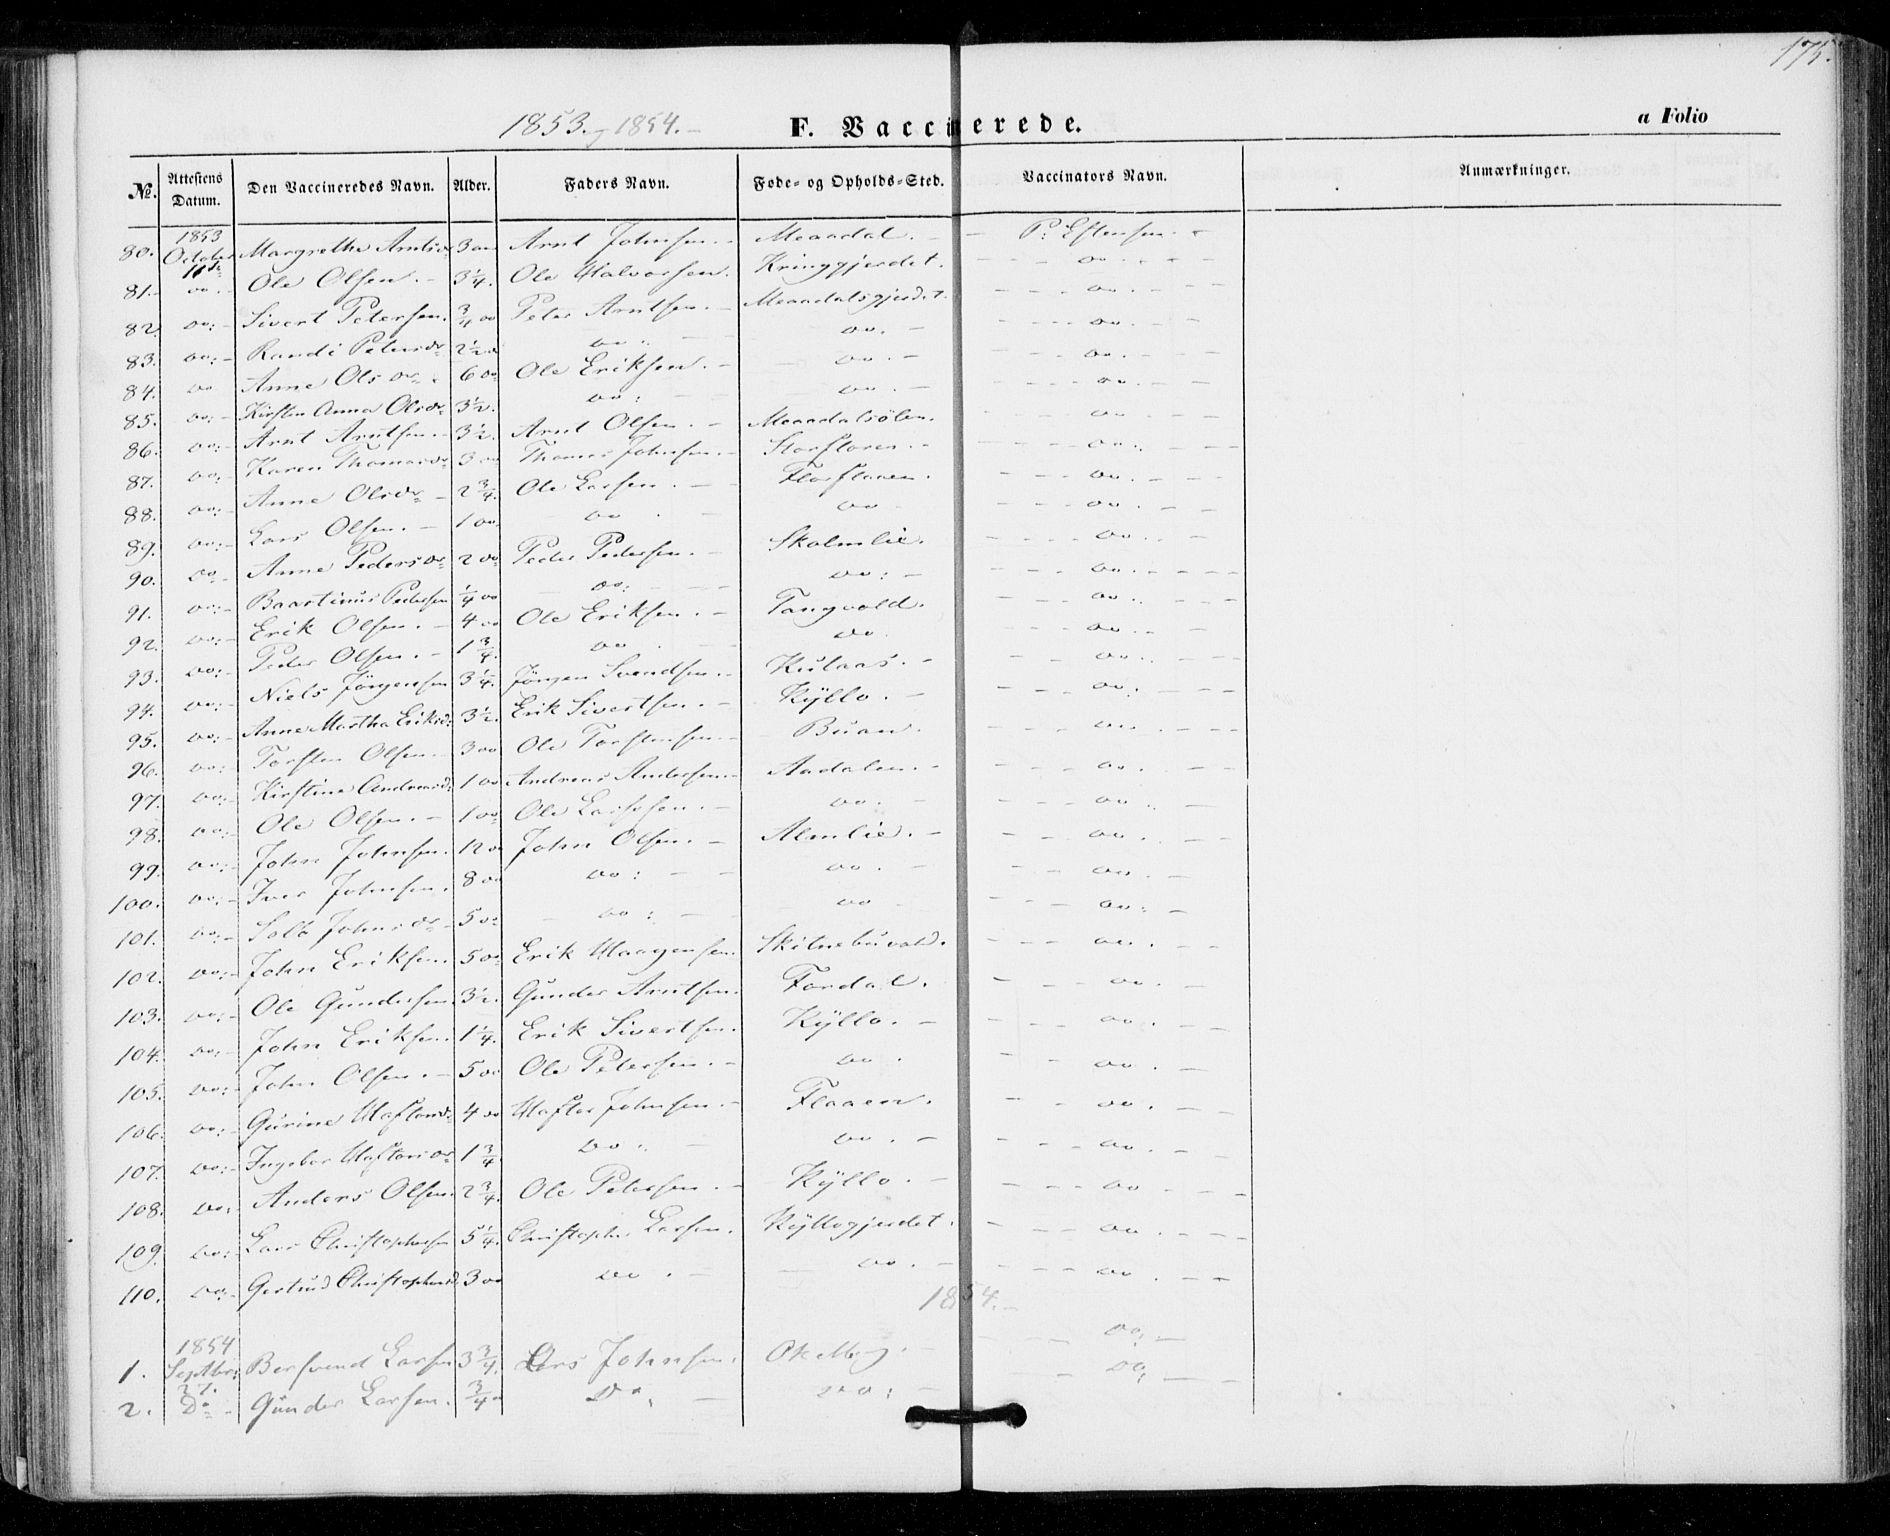 SAT, Ministerialprotokoller, klokkerbøker og fødselsregistre - Nord-Trøndelag, 703/L0028: Ministerialbok nr. 703A01, 1850-1862, s. 175